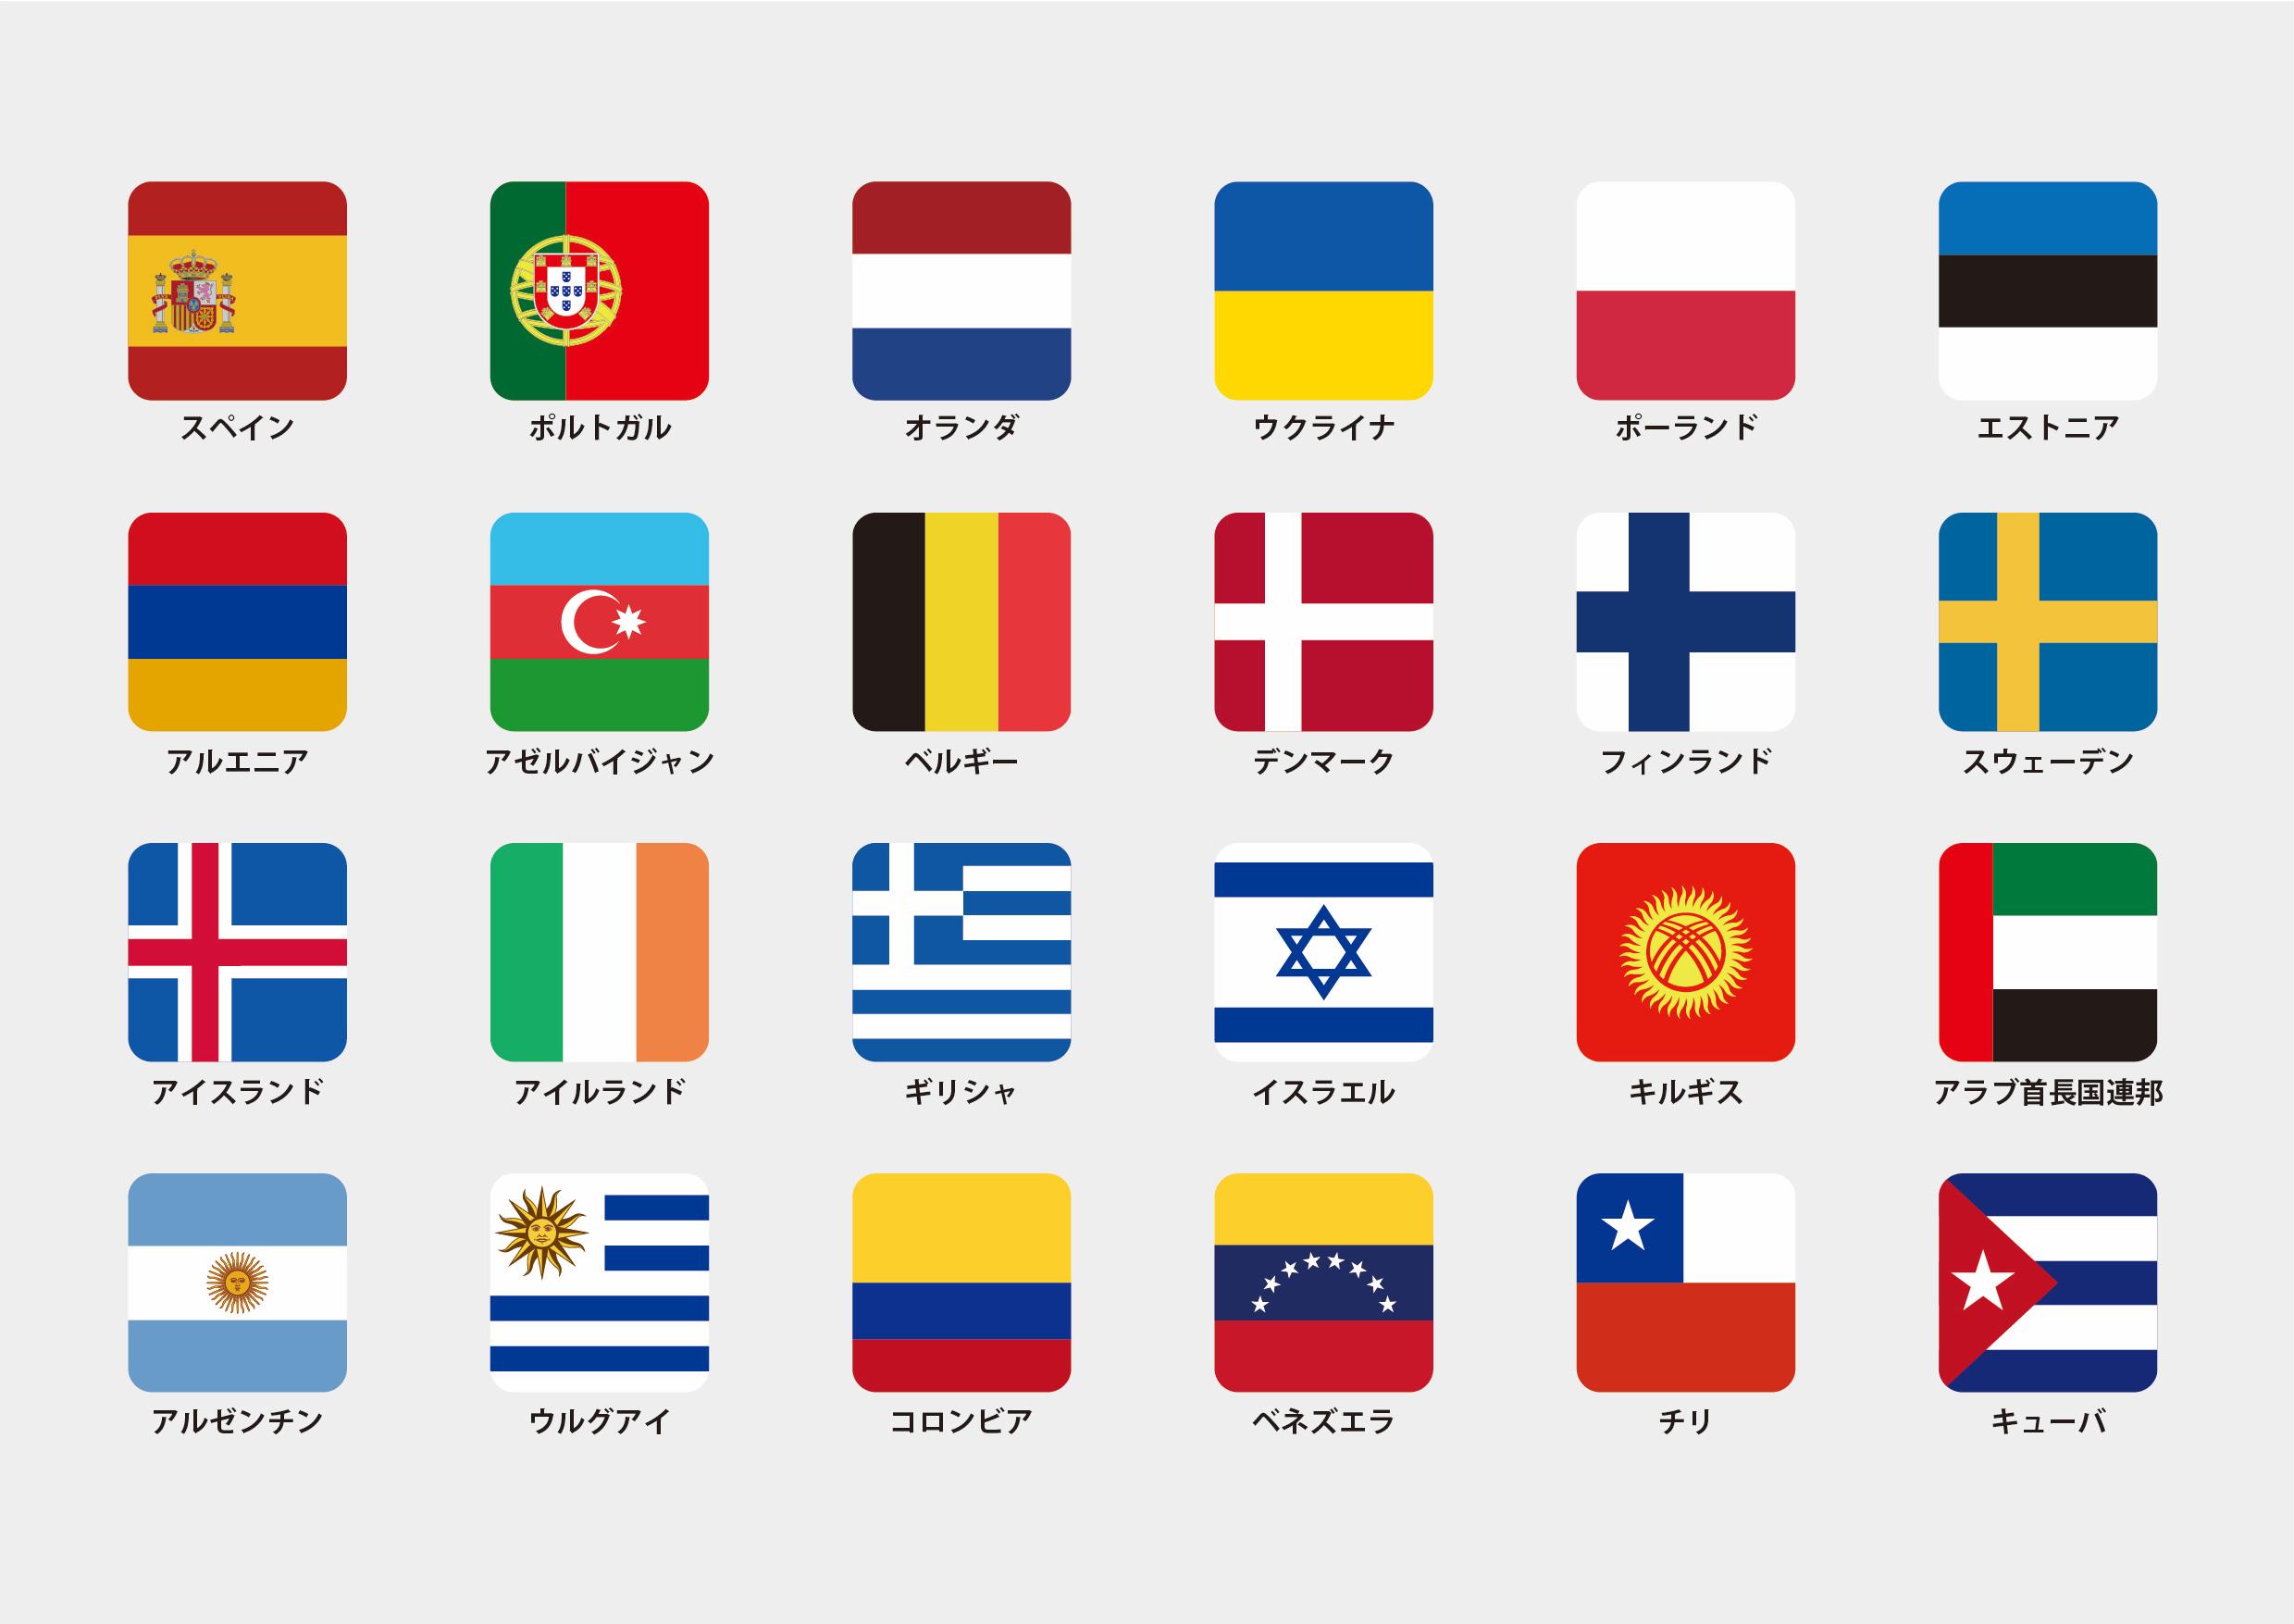 世界の国旗を覚えよう!